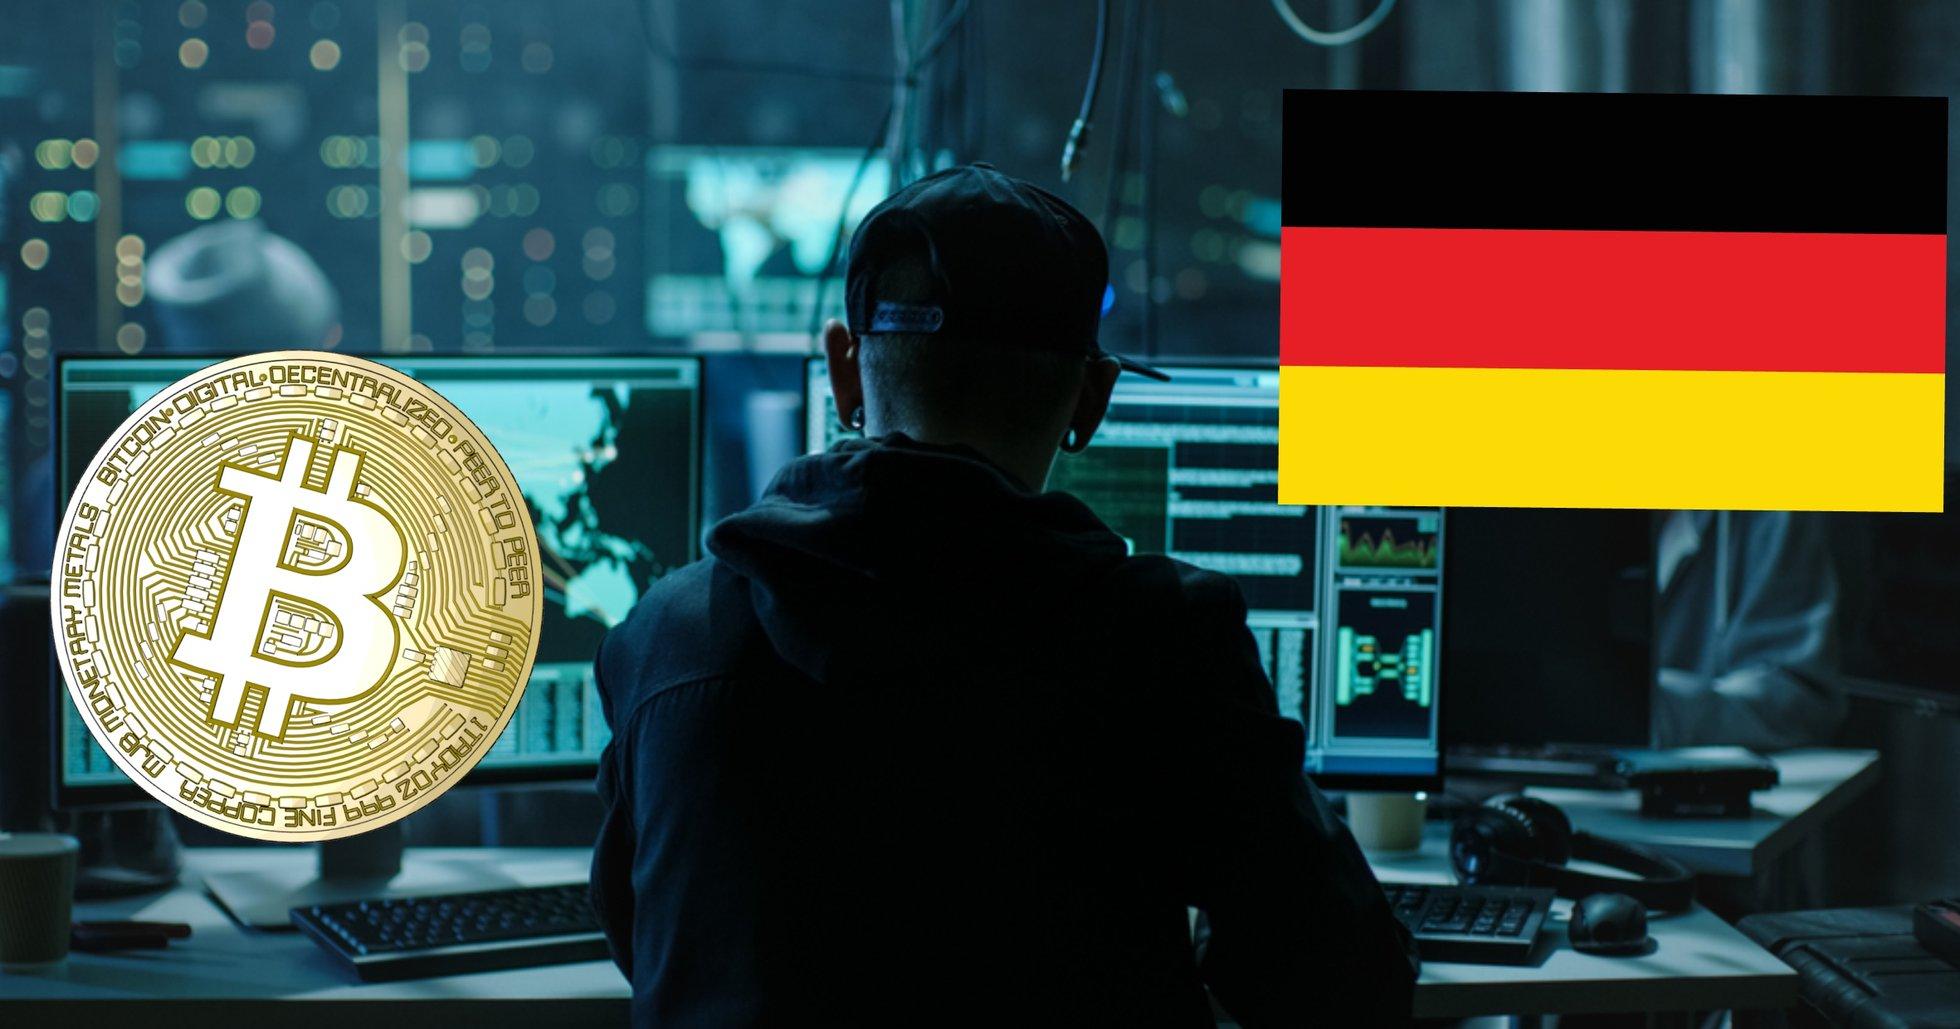 Tyska åklagare beslagtar 250 miljoner i kryptovalutor från två nätpirater